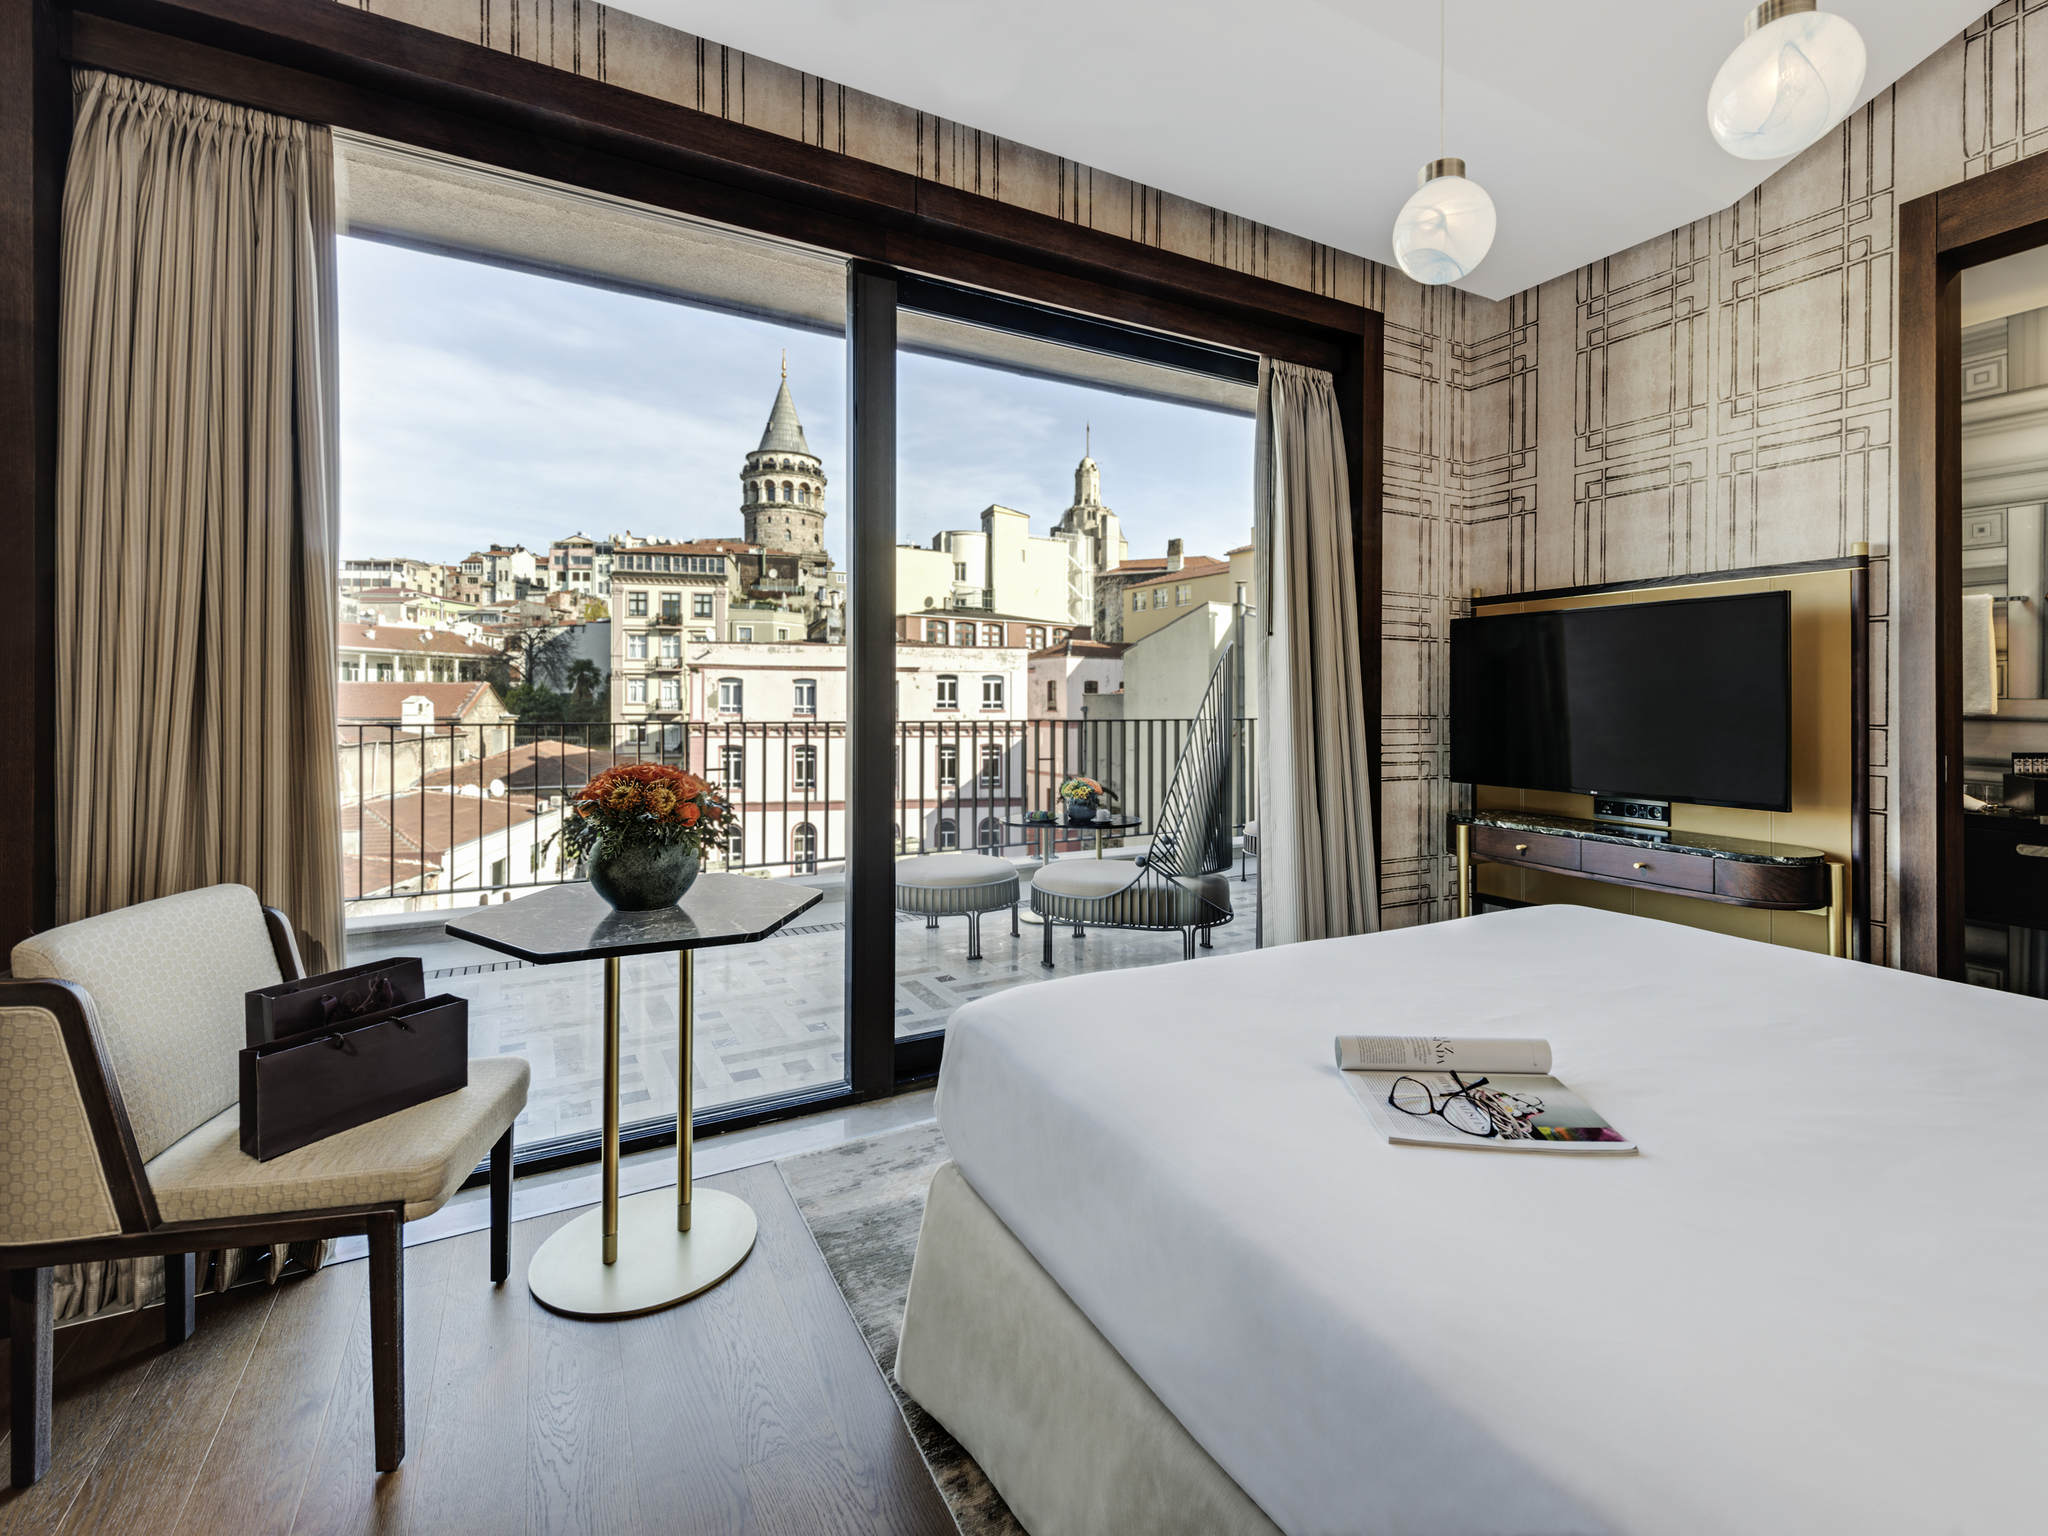 فندق - فندق غالاتا إسطنبول إم غاليري من سوفيتل